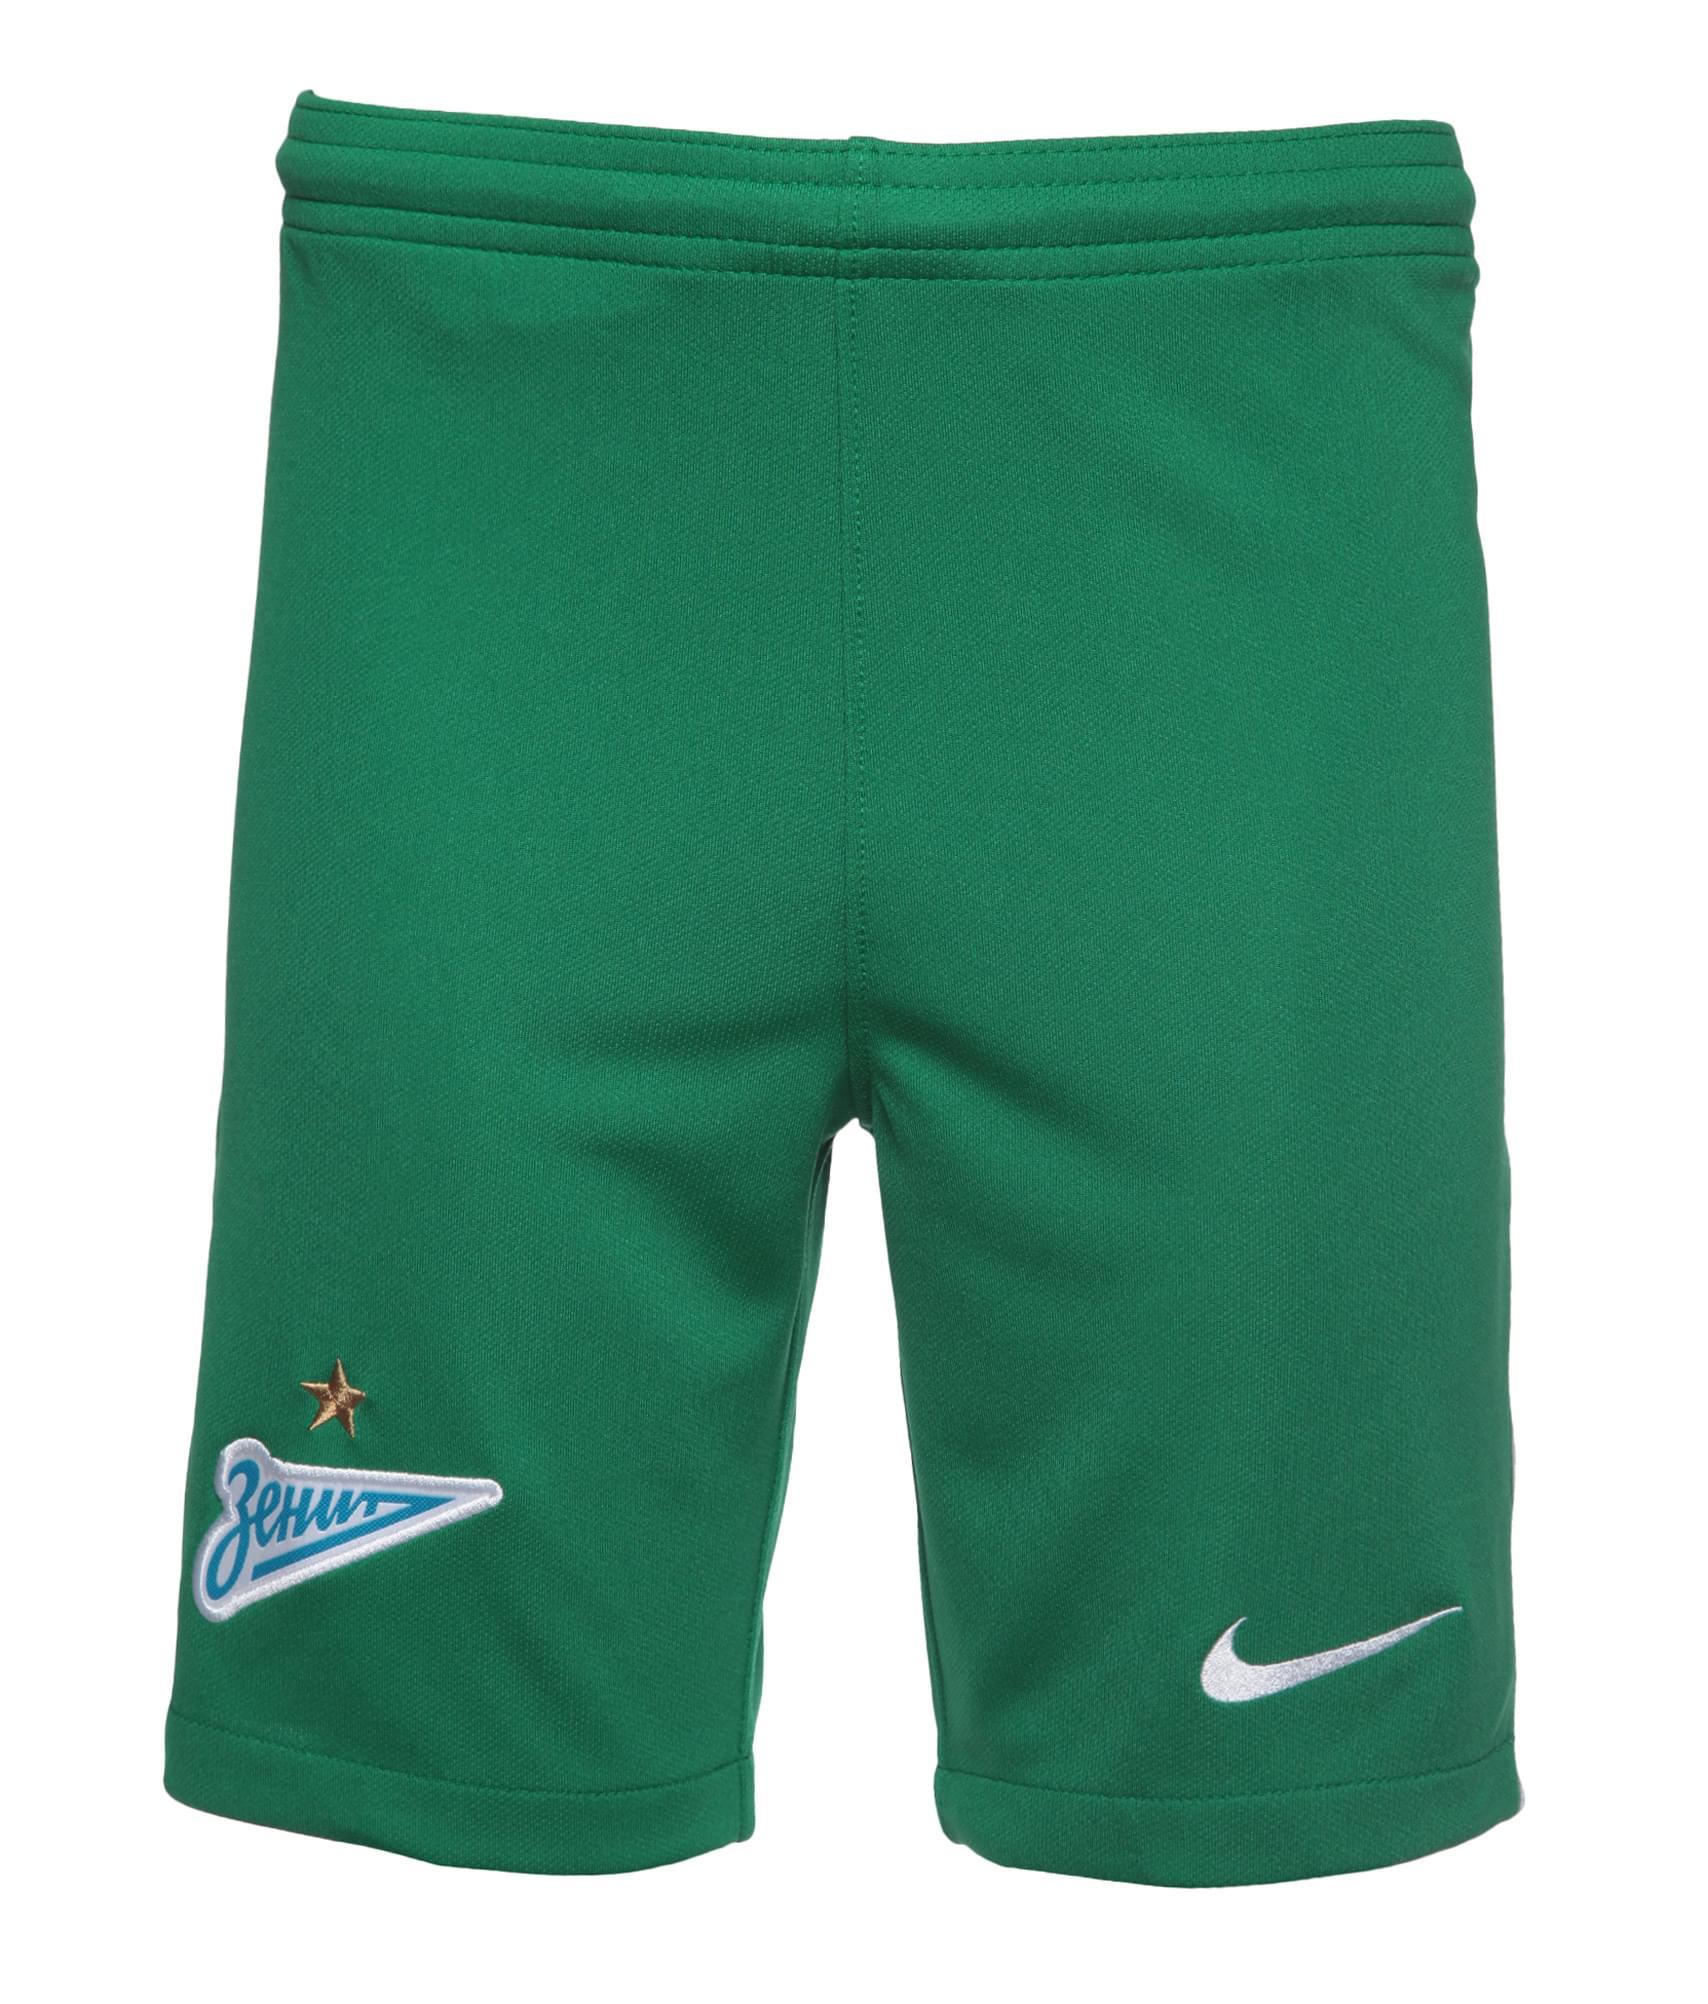 Шорты вратарские подростковые сезона 2017/2018, Цвет-Зеленый, Размер-XS детские вратарские шорты цвет зеленый размер xs